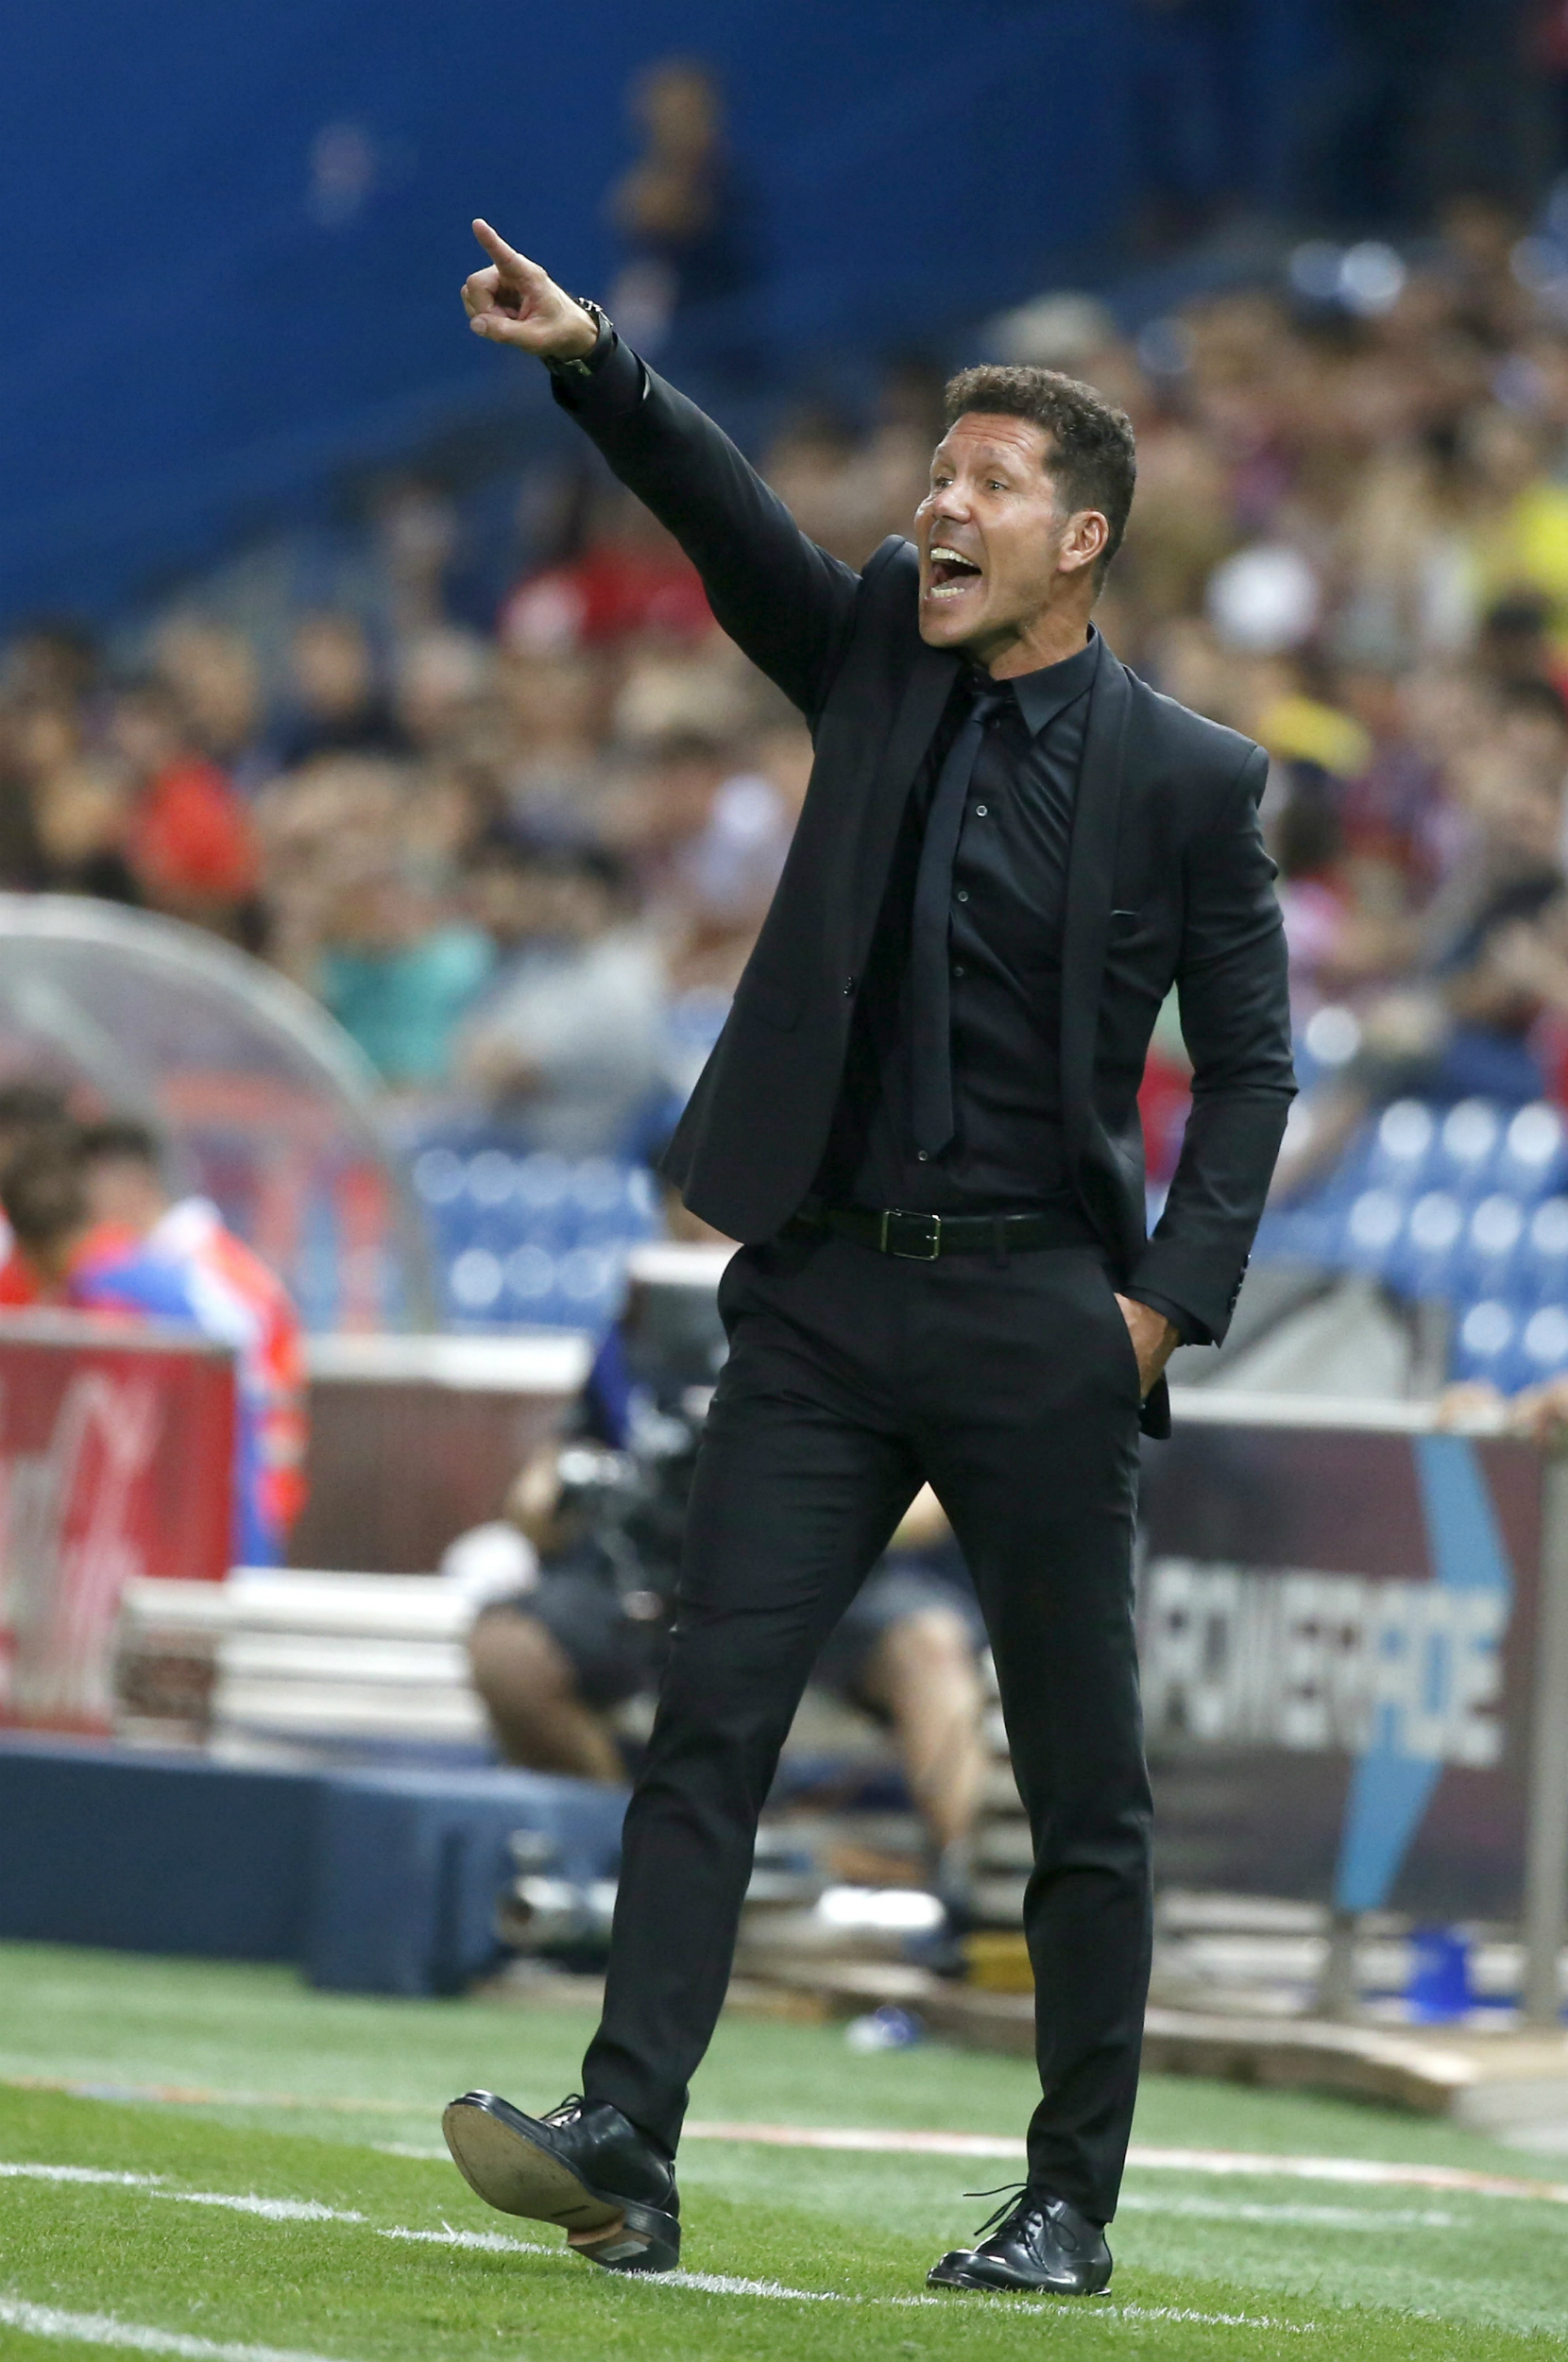 El liderazgo del entrenador argentino del Atlético de Madrid Diego Pablo Simeone está fuera de toda duda.